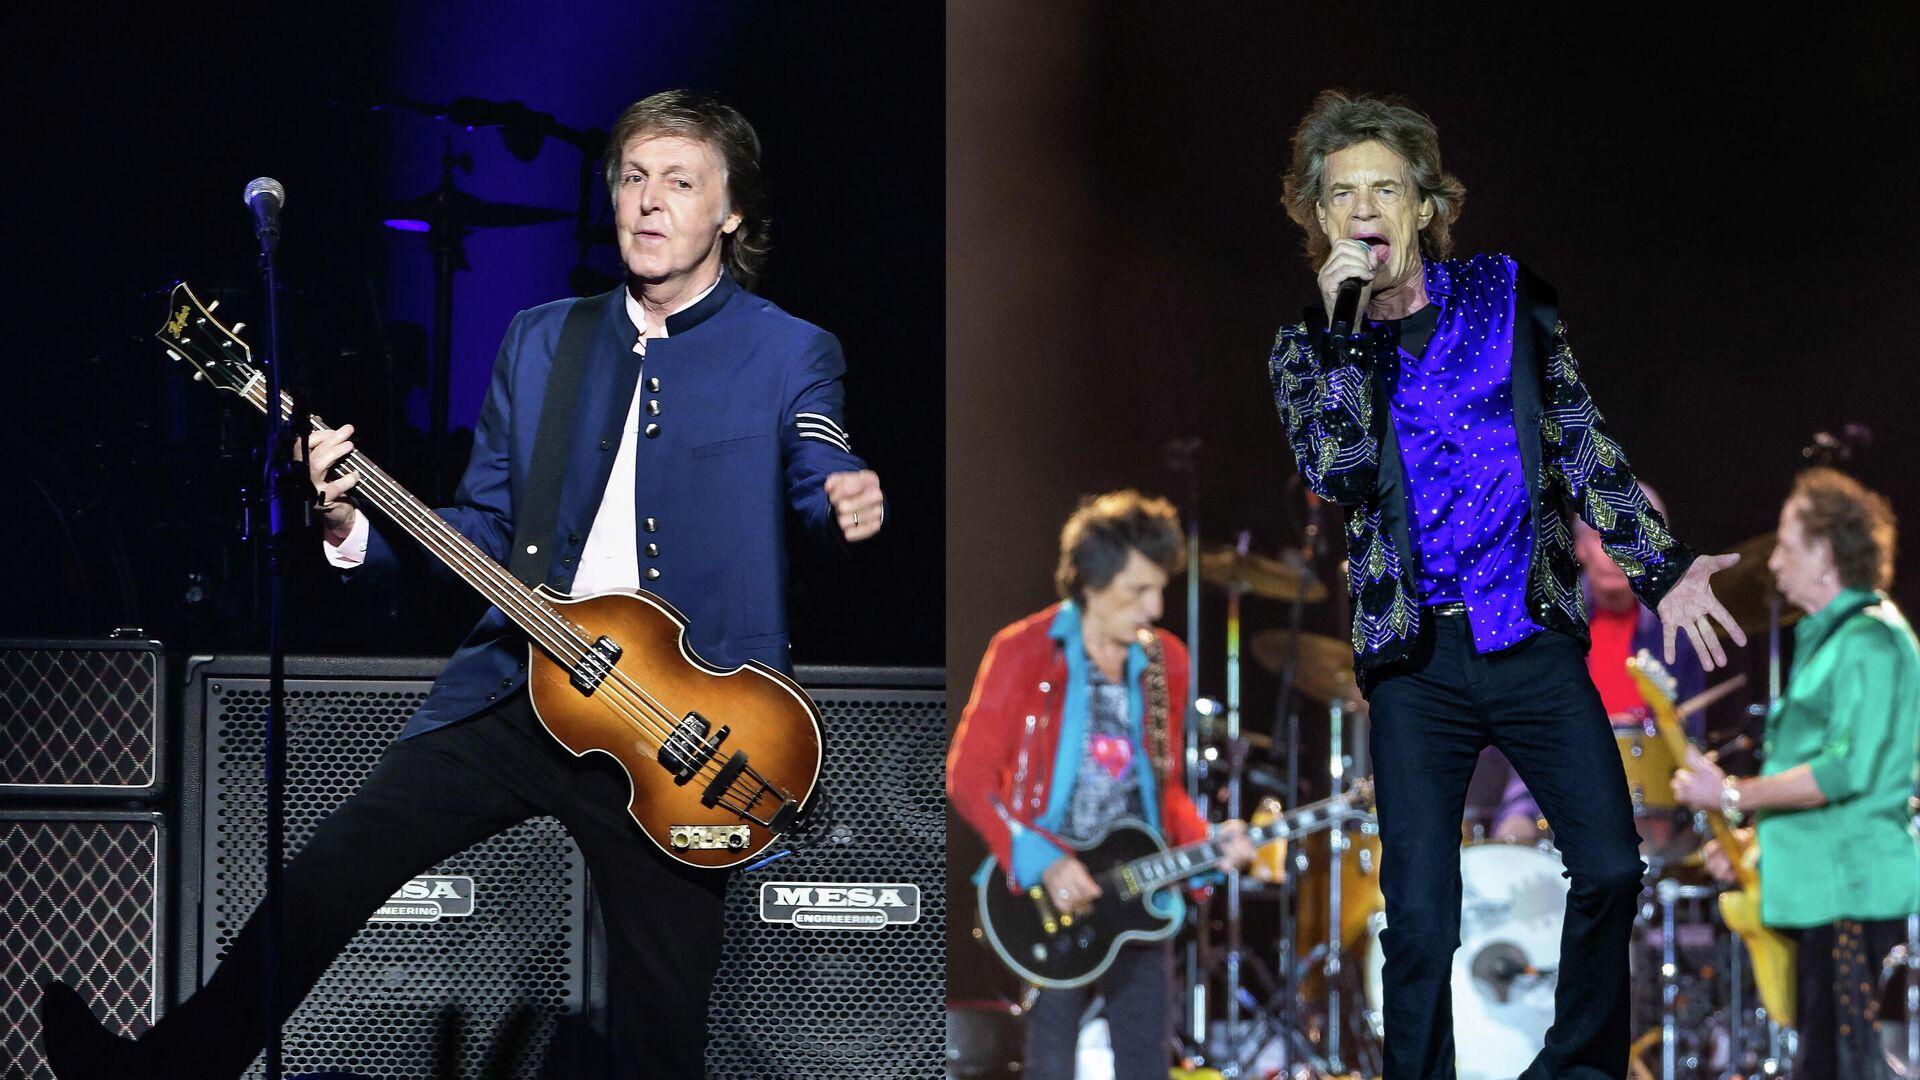 Пол Маккартни и участники группы The Rolling Stones - РИА Новости, 1920, 14.10.2021